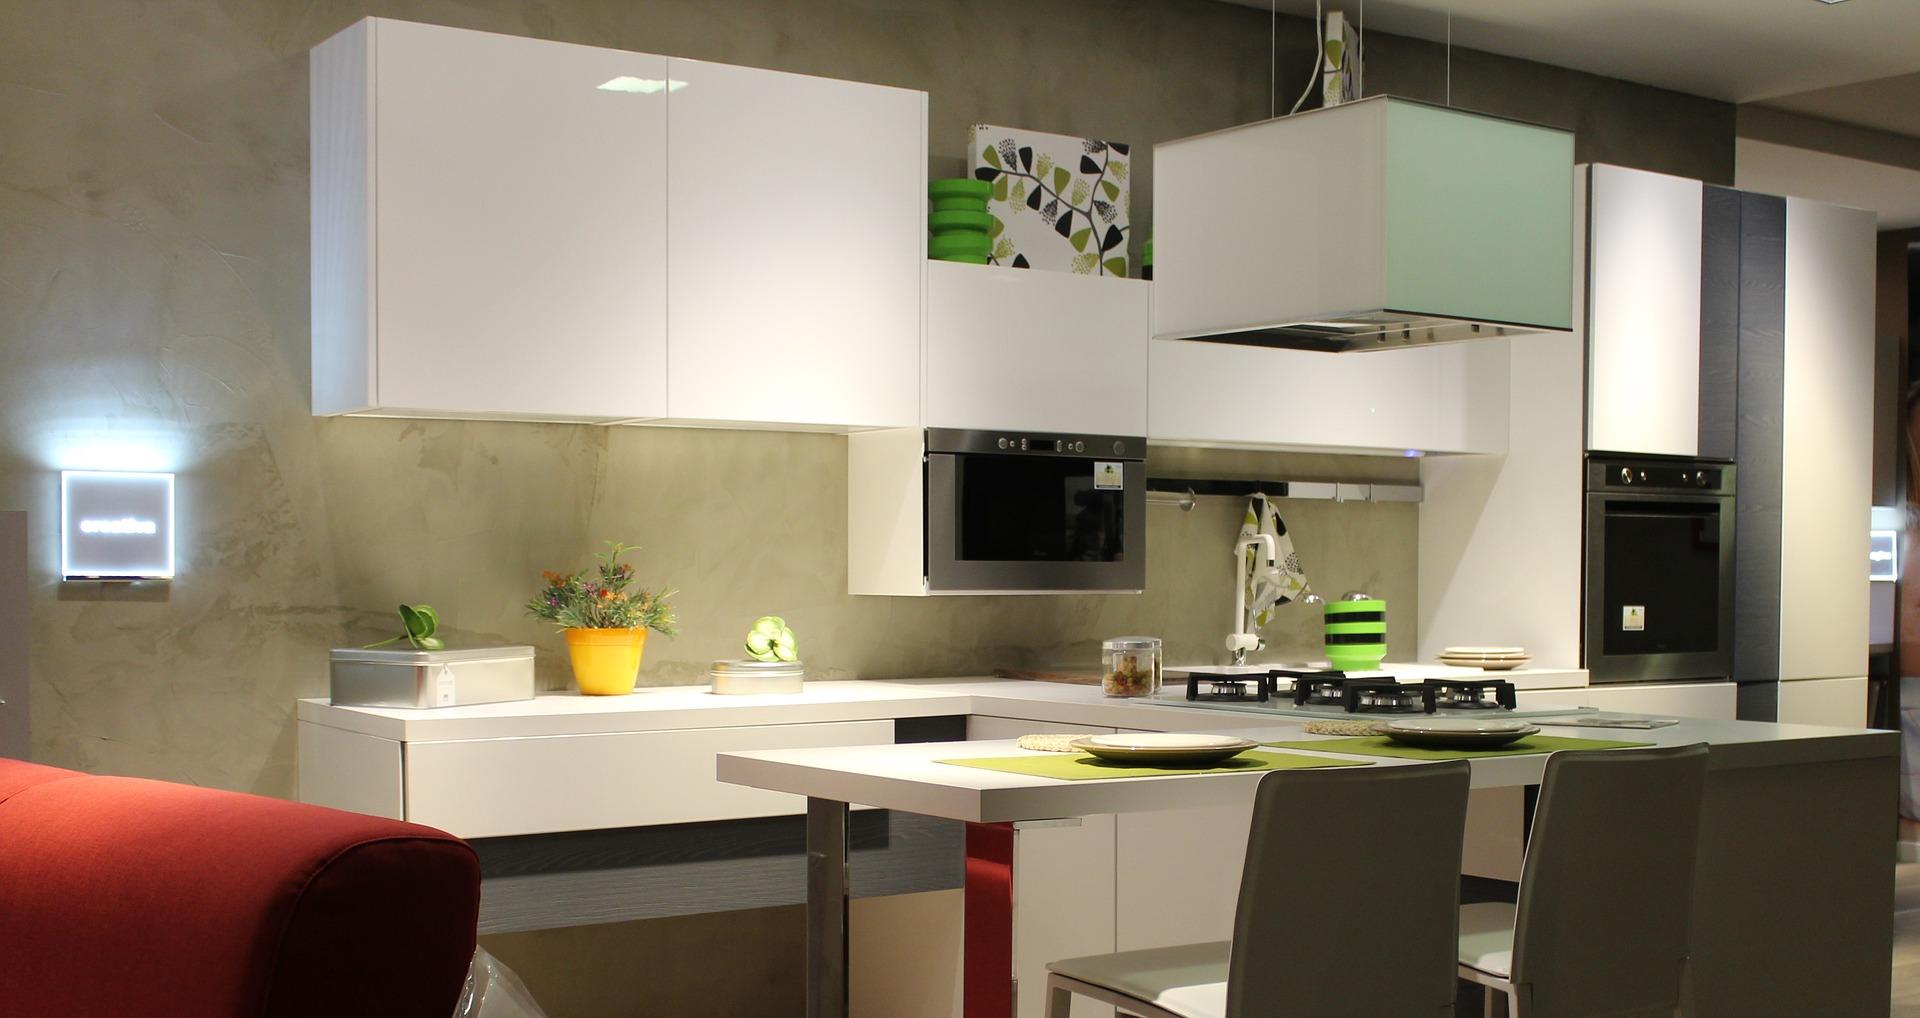 Aneks kuchenny a wartośc mieszkania